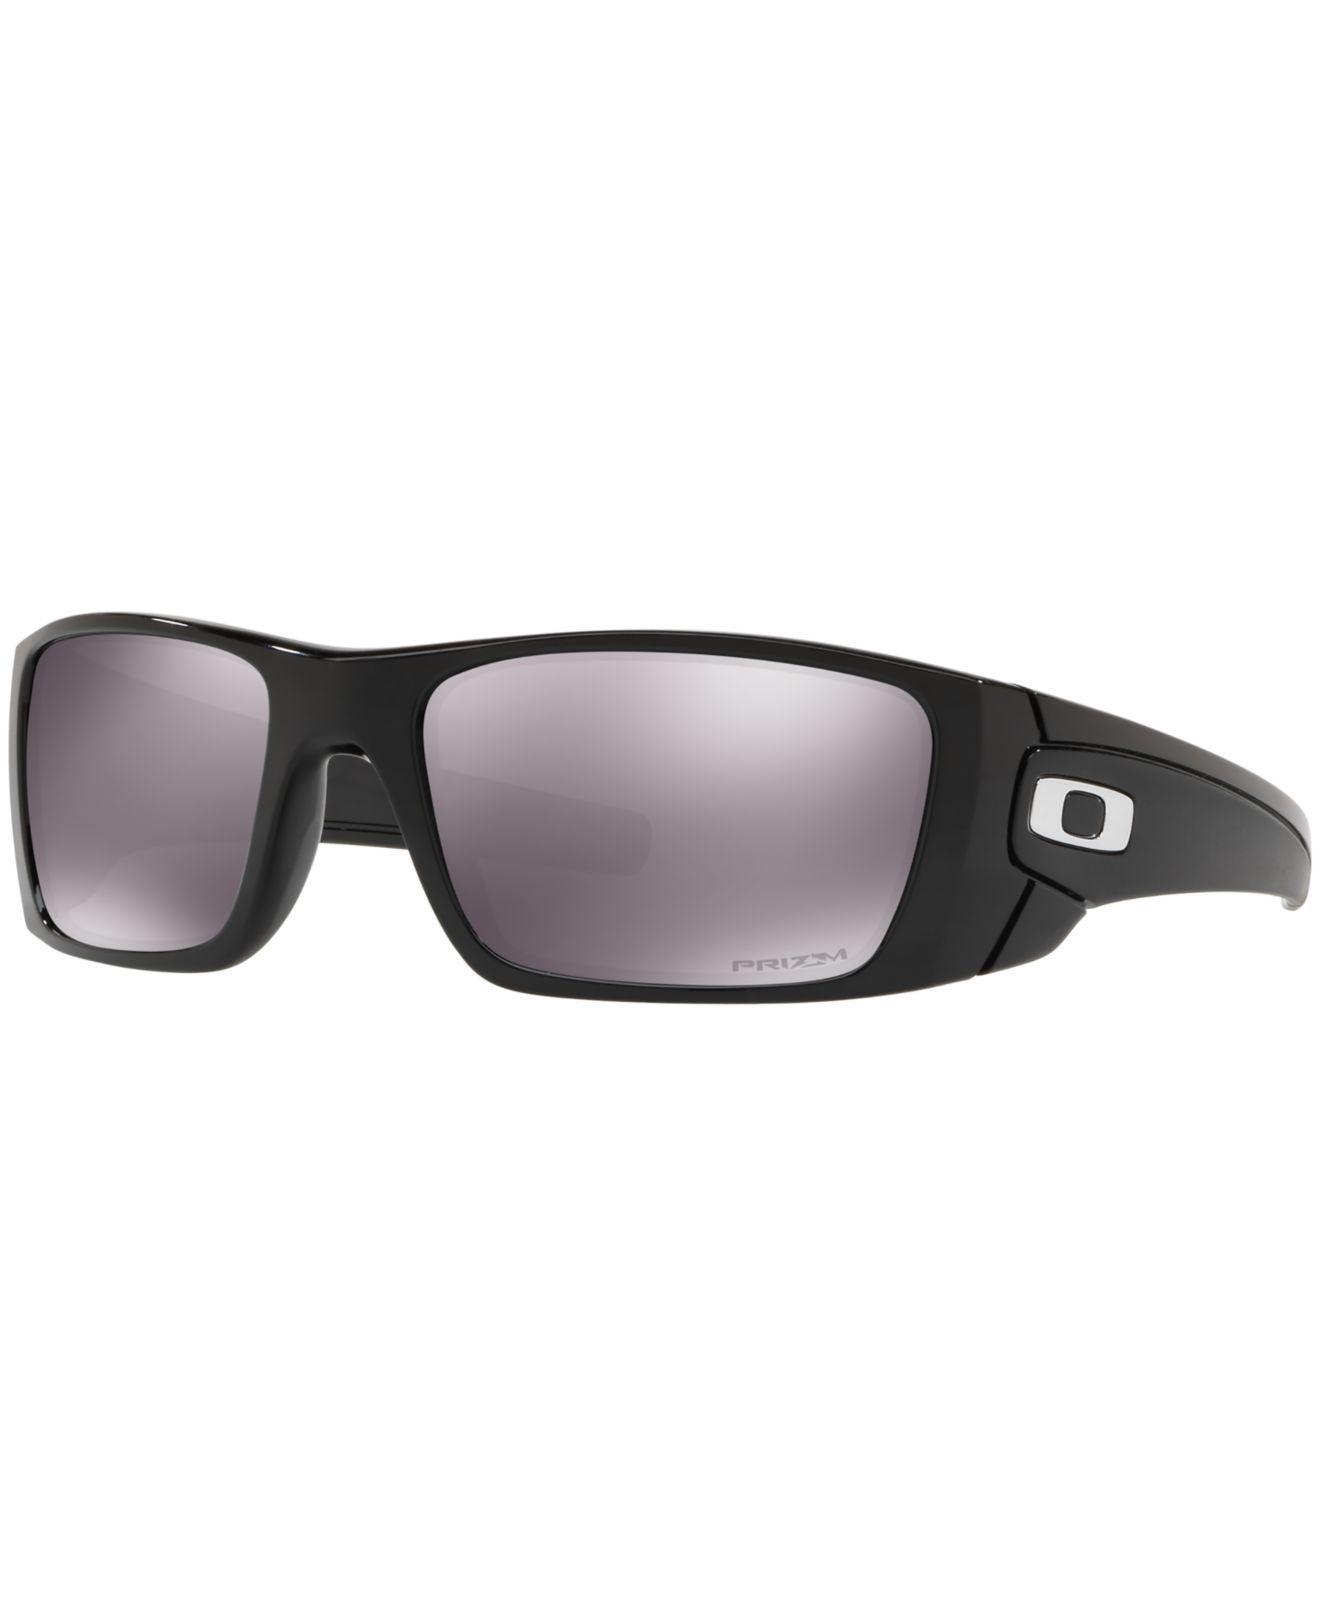 a75e634a41a ... hot oakley. mens black sunglasses fuel cell oo9096 f06f3 f6345